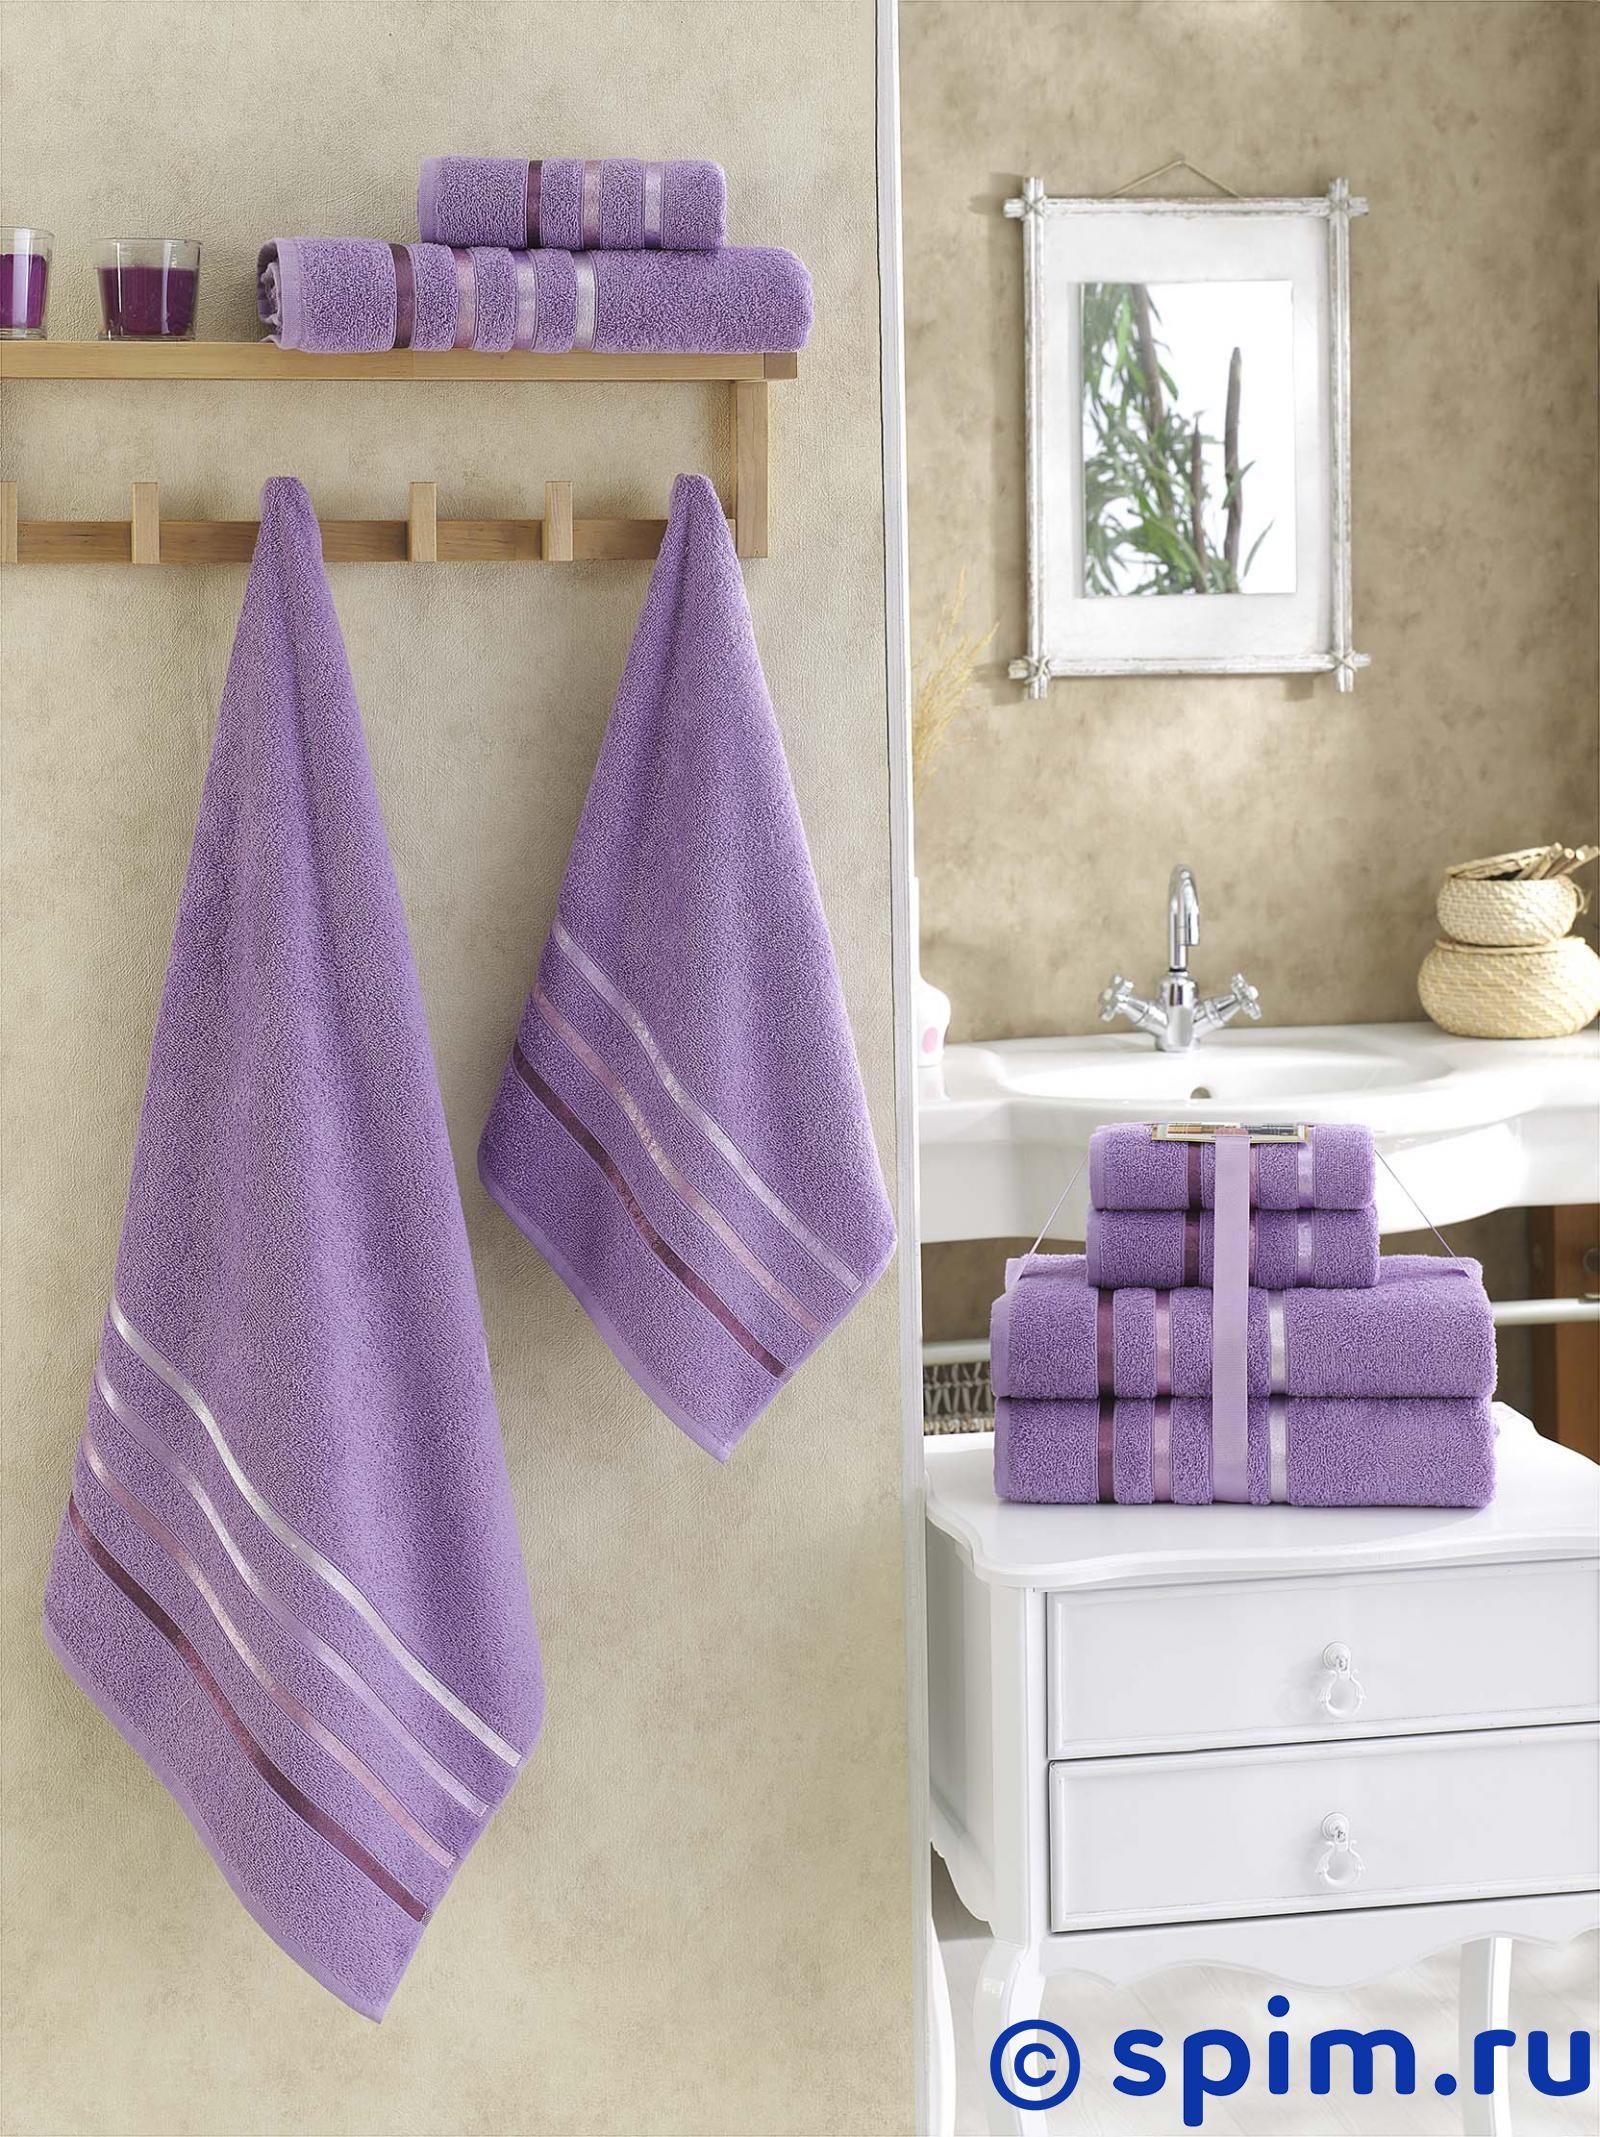 Комплект полотенец Karna Bale, сиреневый